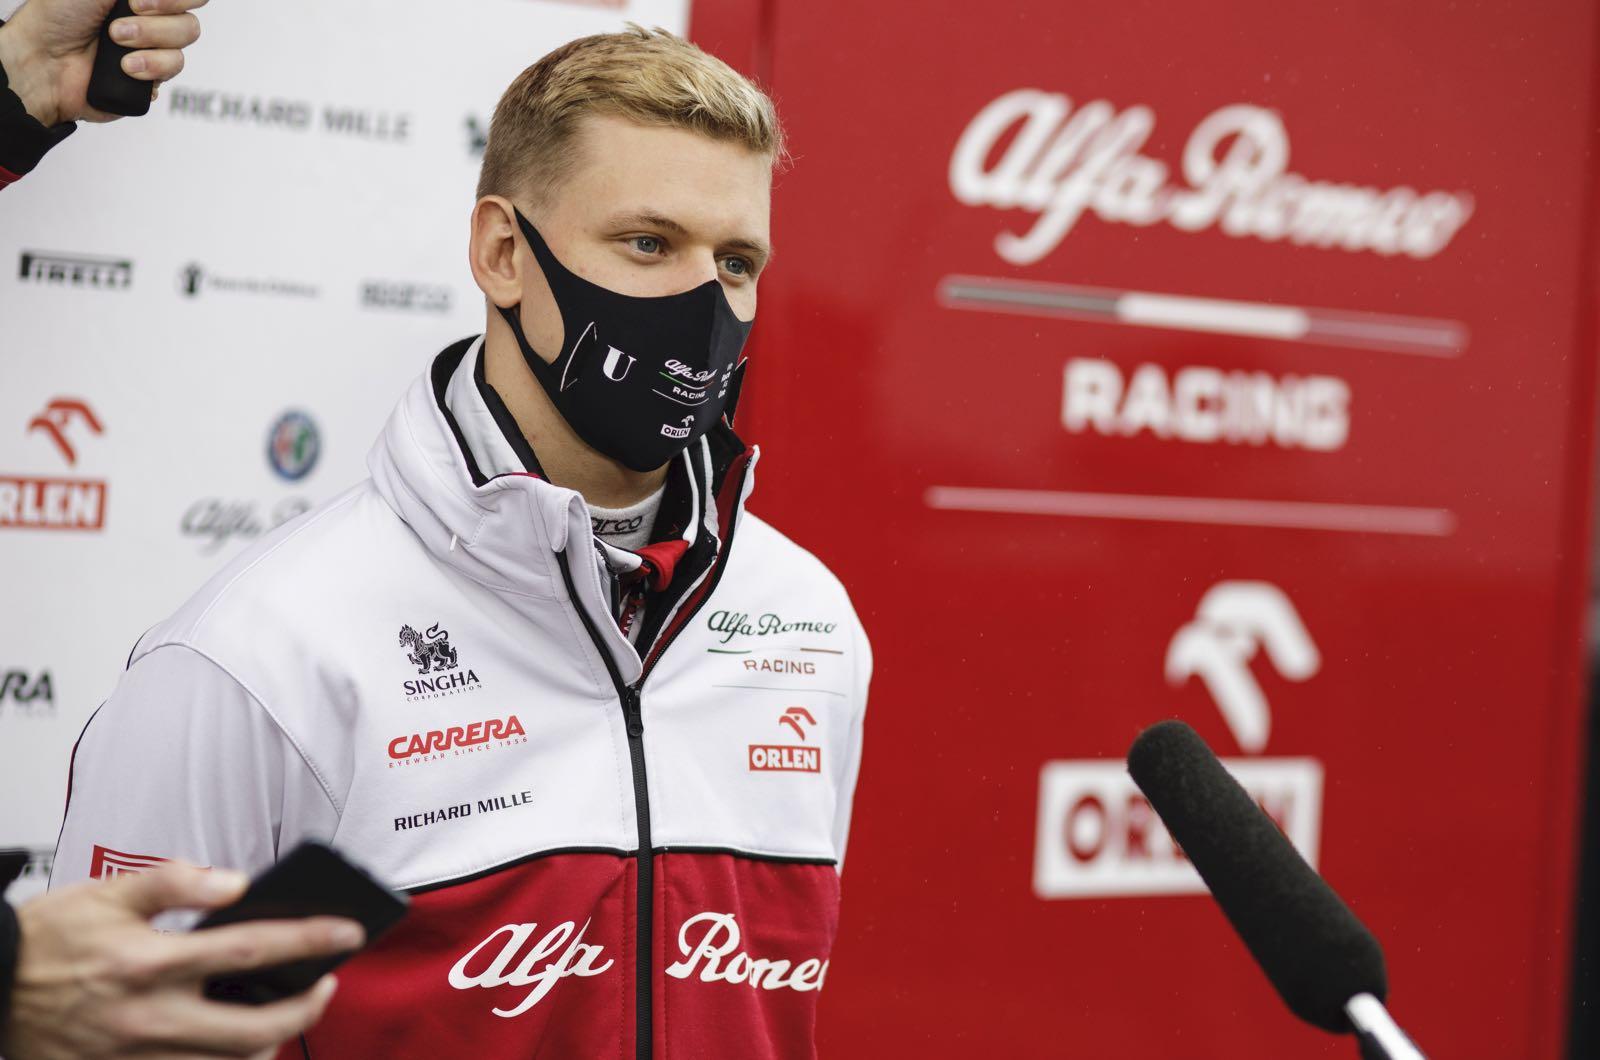 Alfa Romeo To Run Schumacher Raikkonen In 2021 Says Marko